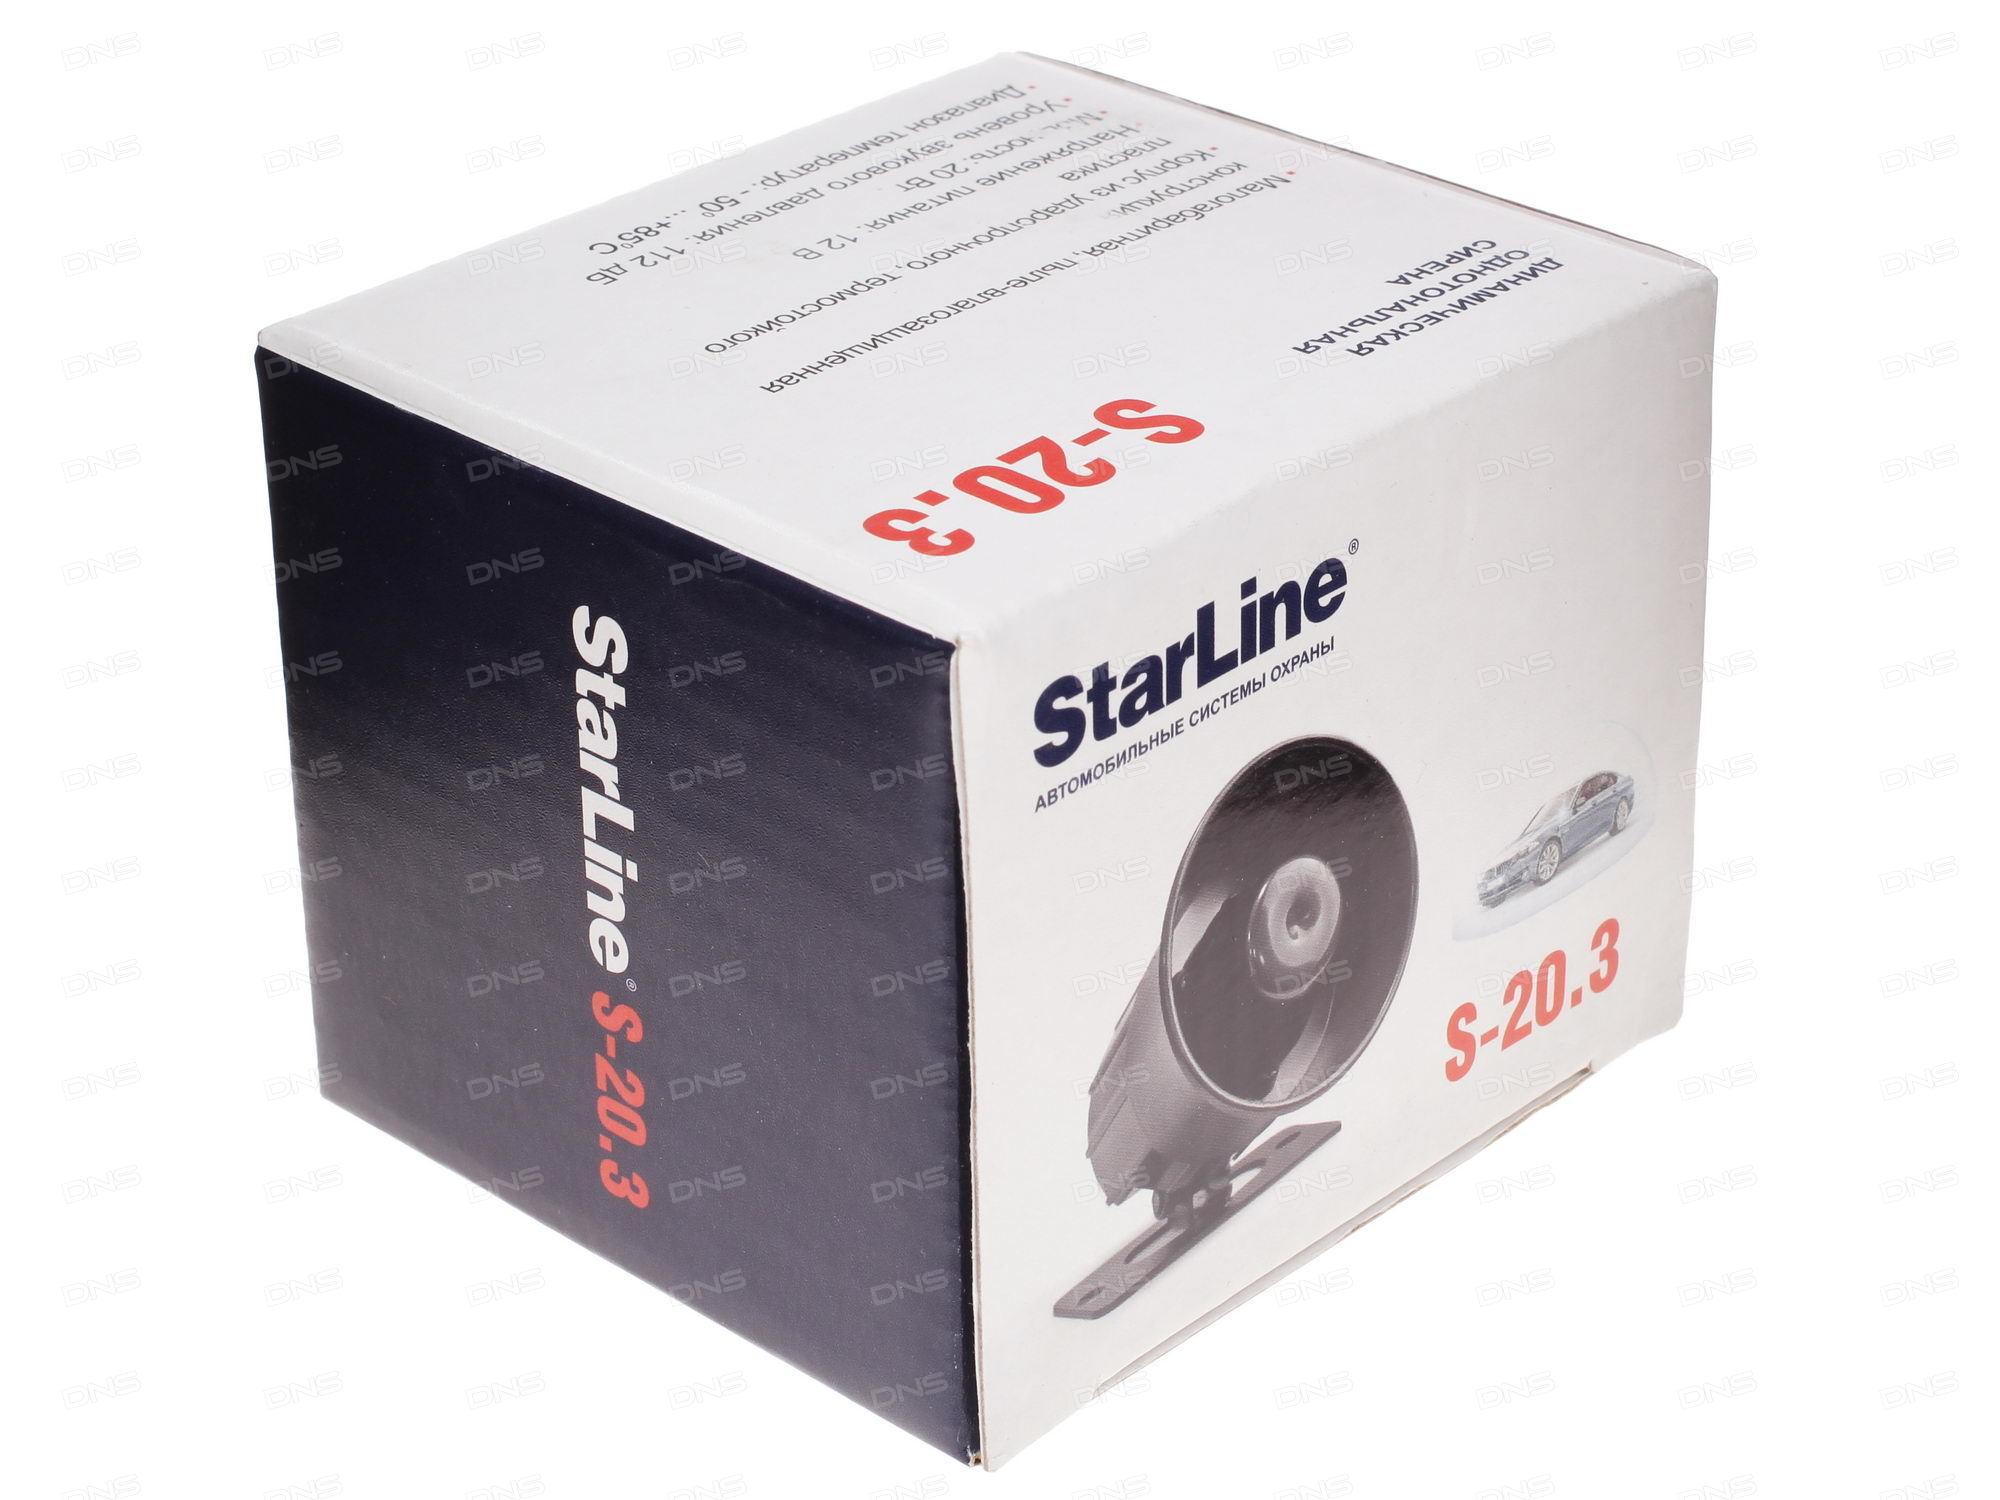 Сирена 1-тональная S-20.3 для сигнализации StarLine 20W